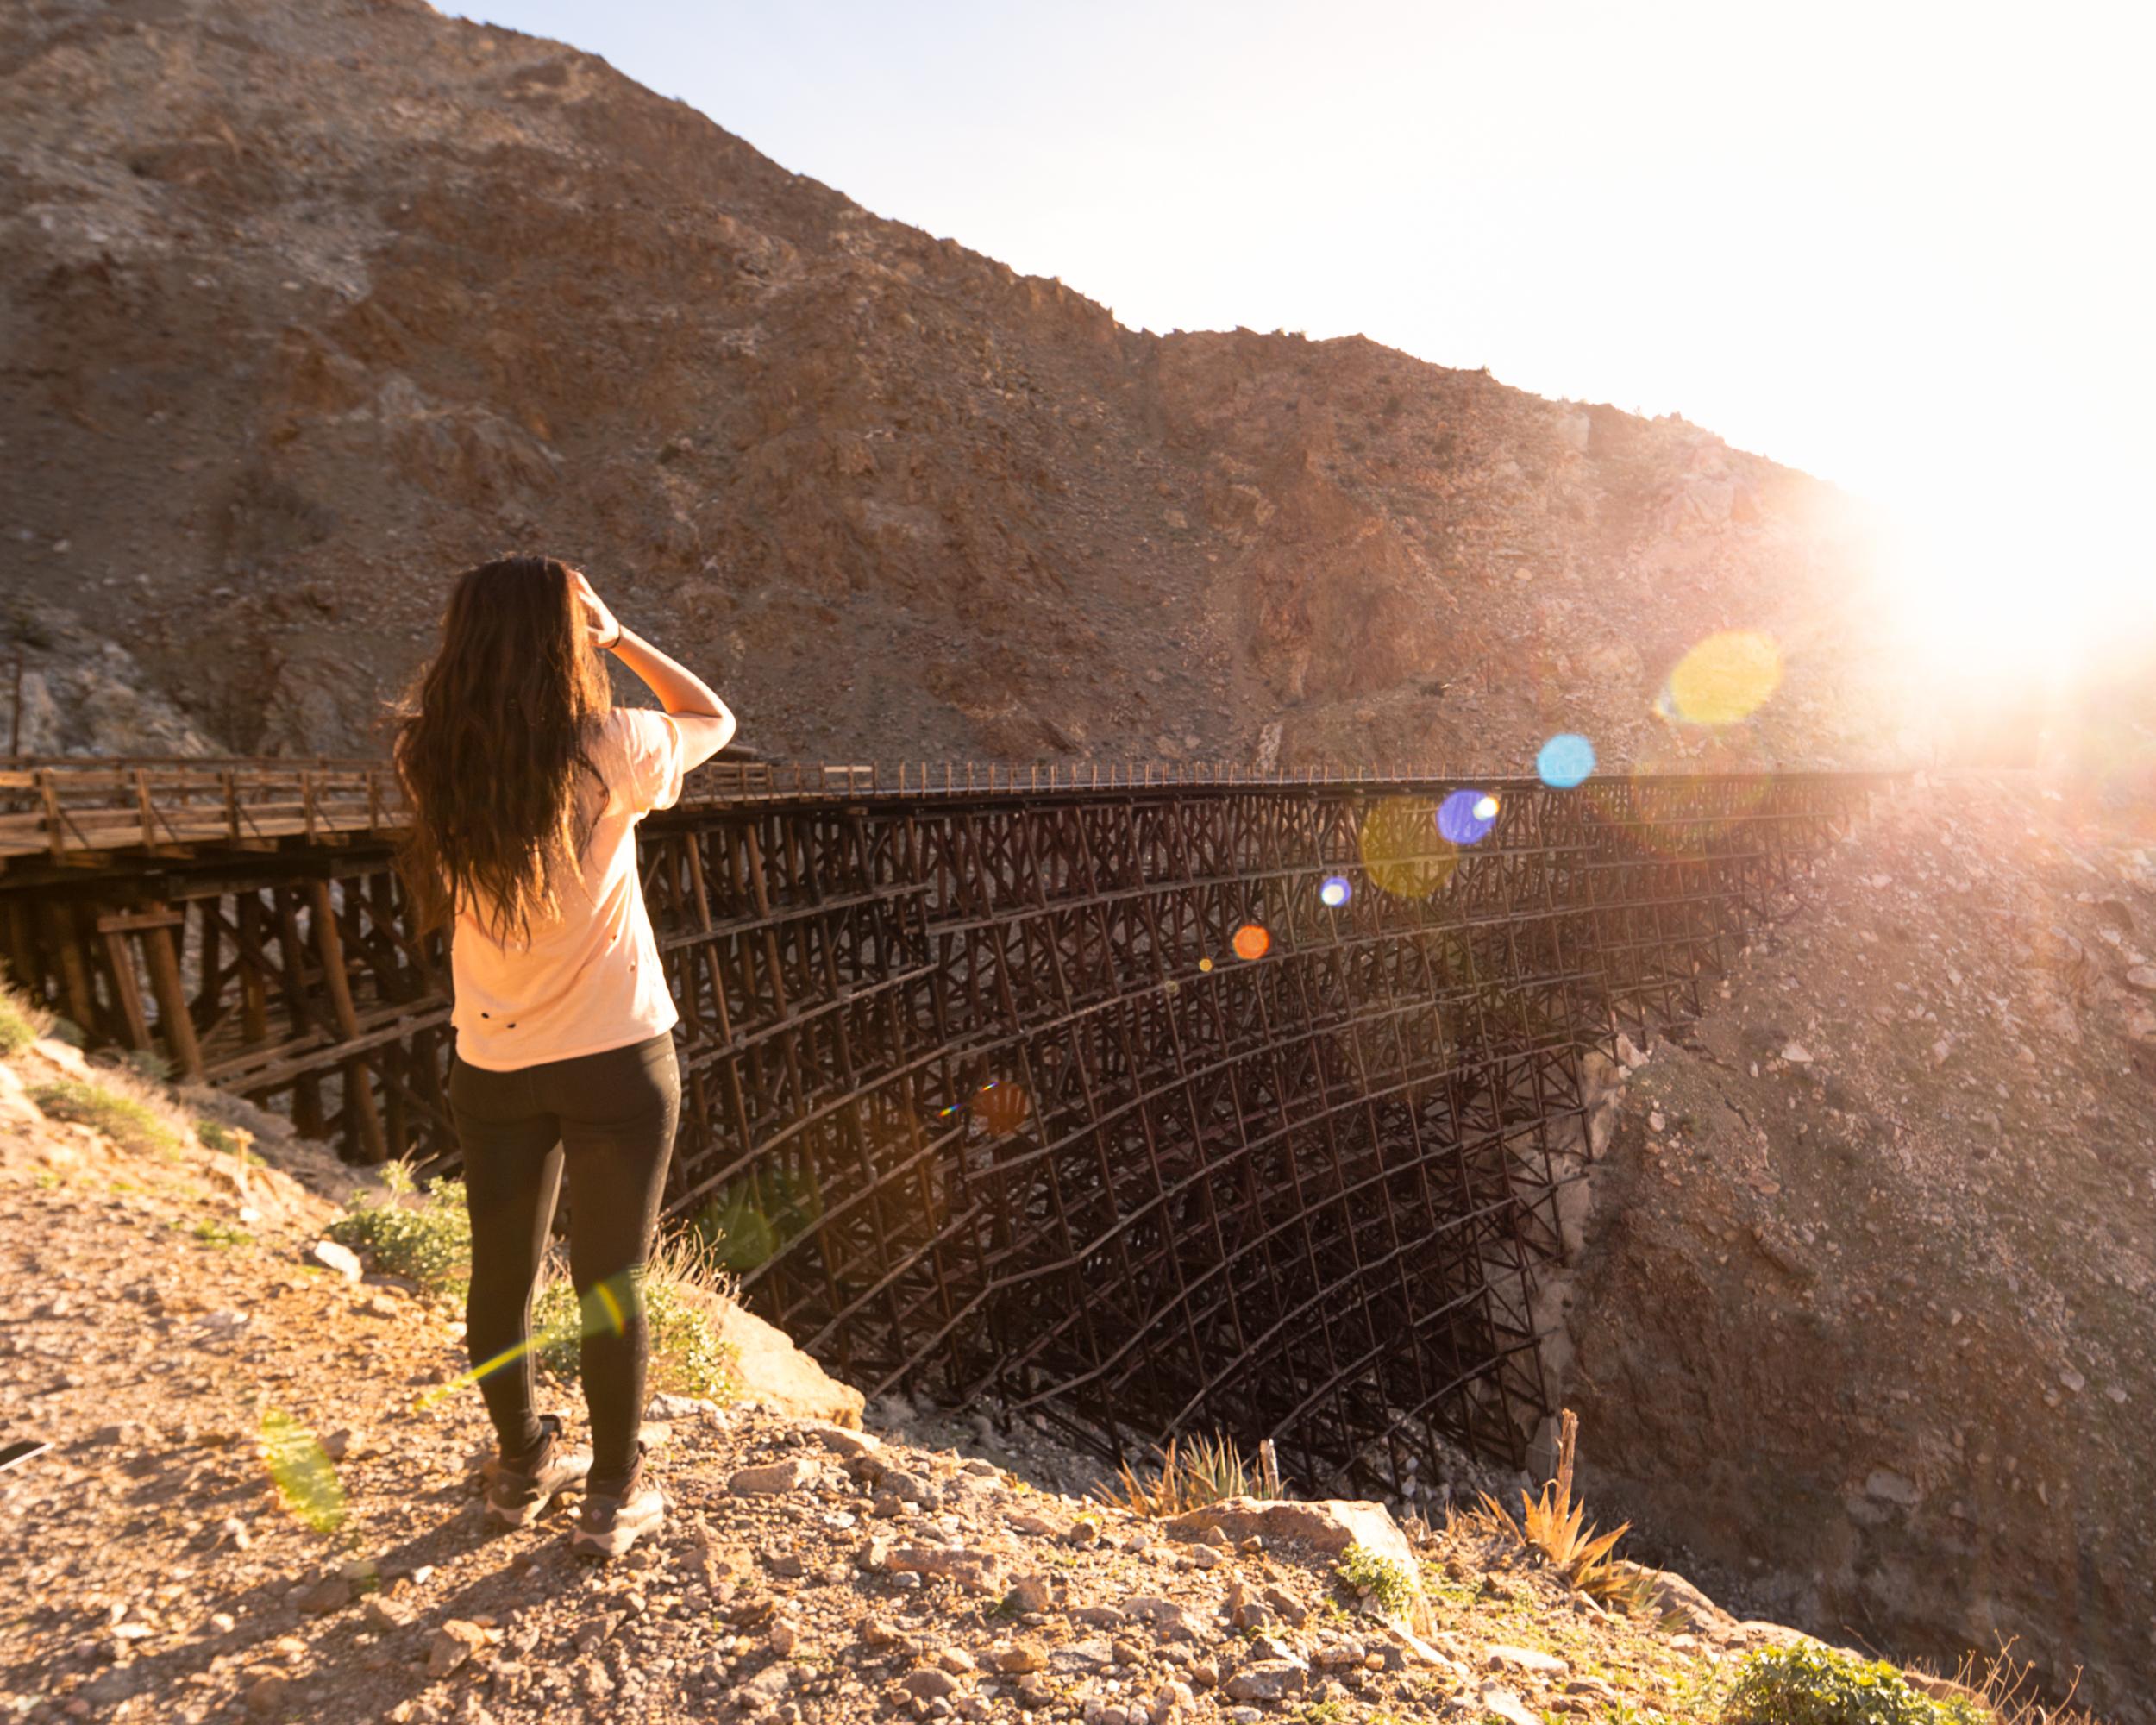 sunset-goat-canyon-trestle